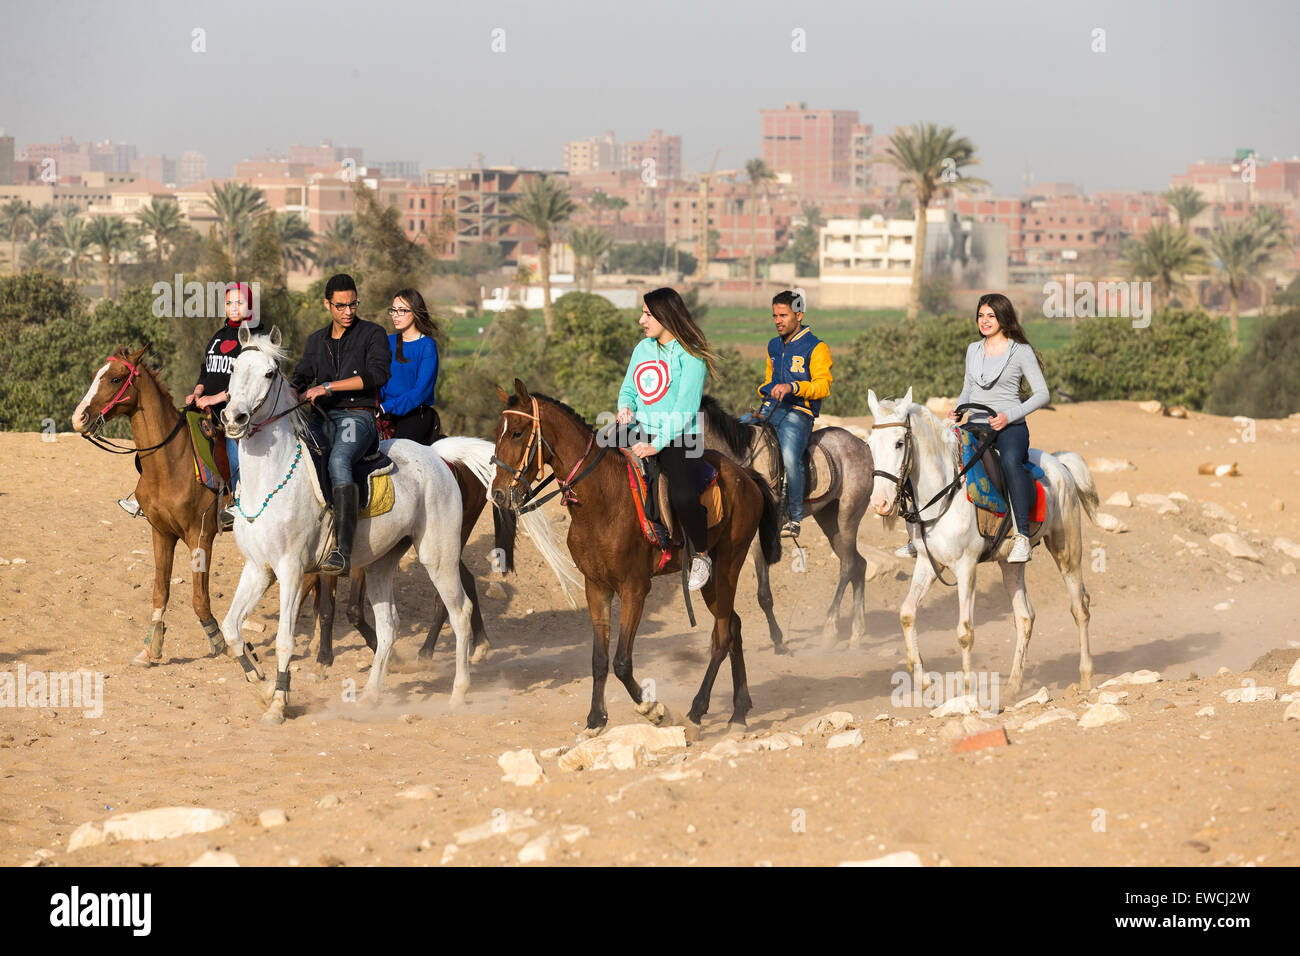 Arabian Horse. Un gruppo di ragazzi a cavallo nel deserto. Kairo, Egitto Immagini Stock